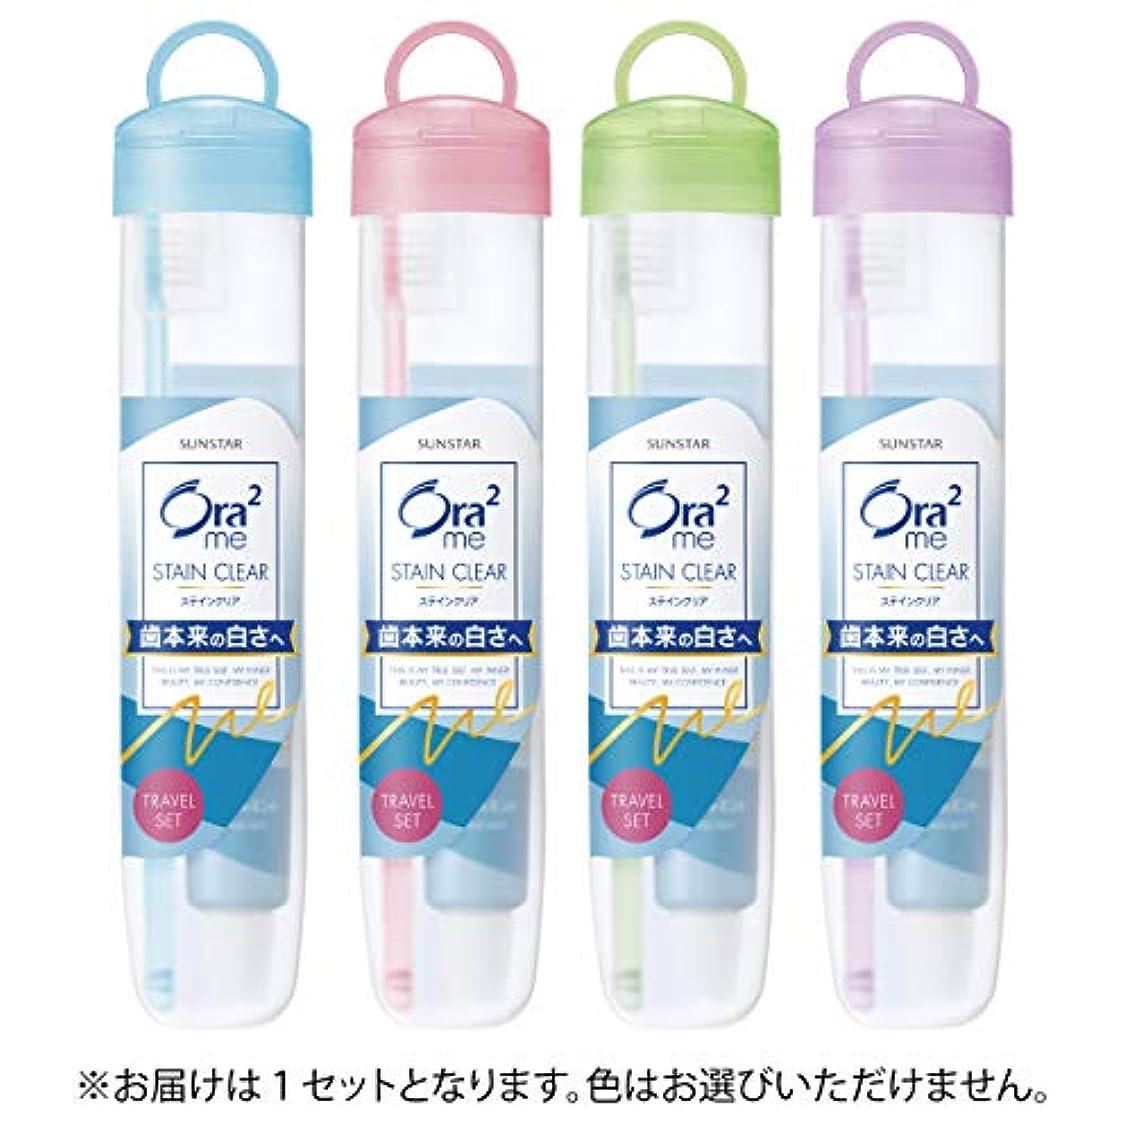 Ora2(オーラツー) ミー トラベルセット (ソフトケースタイプ)